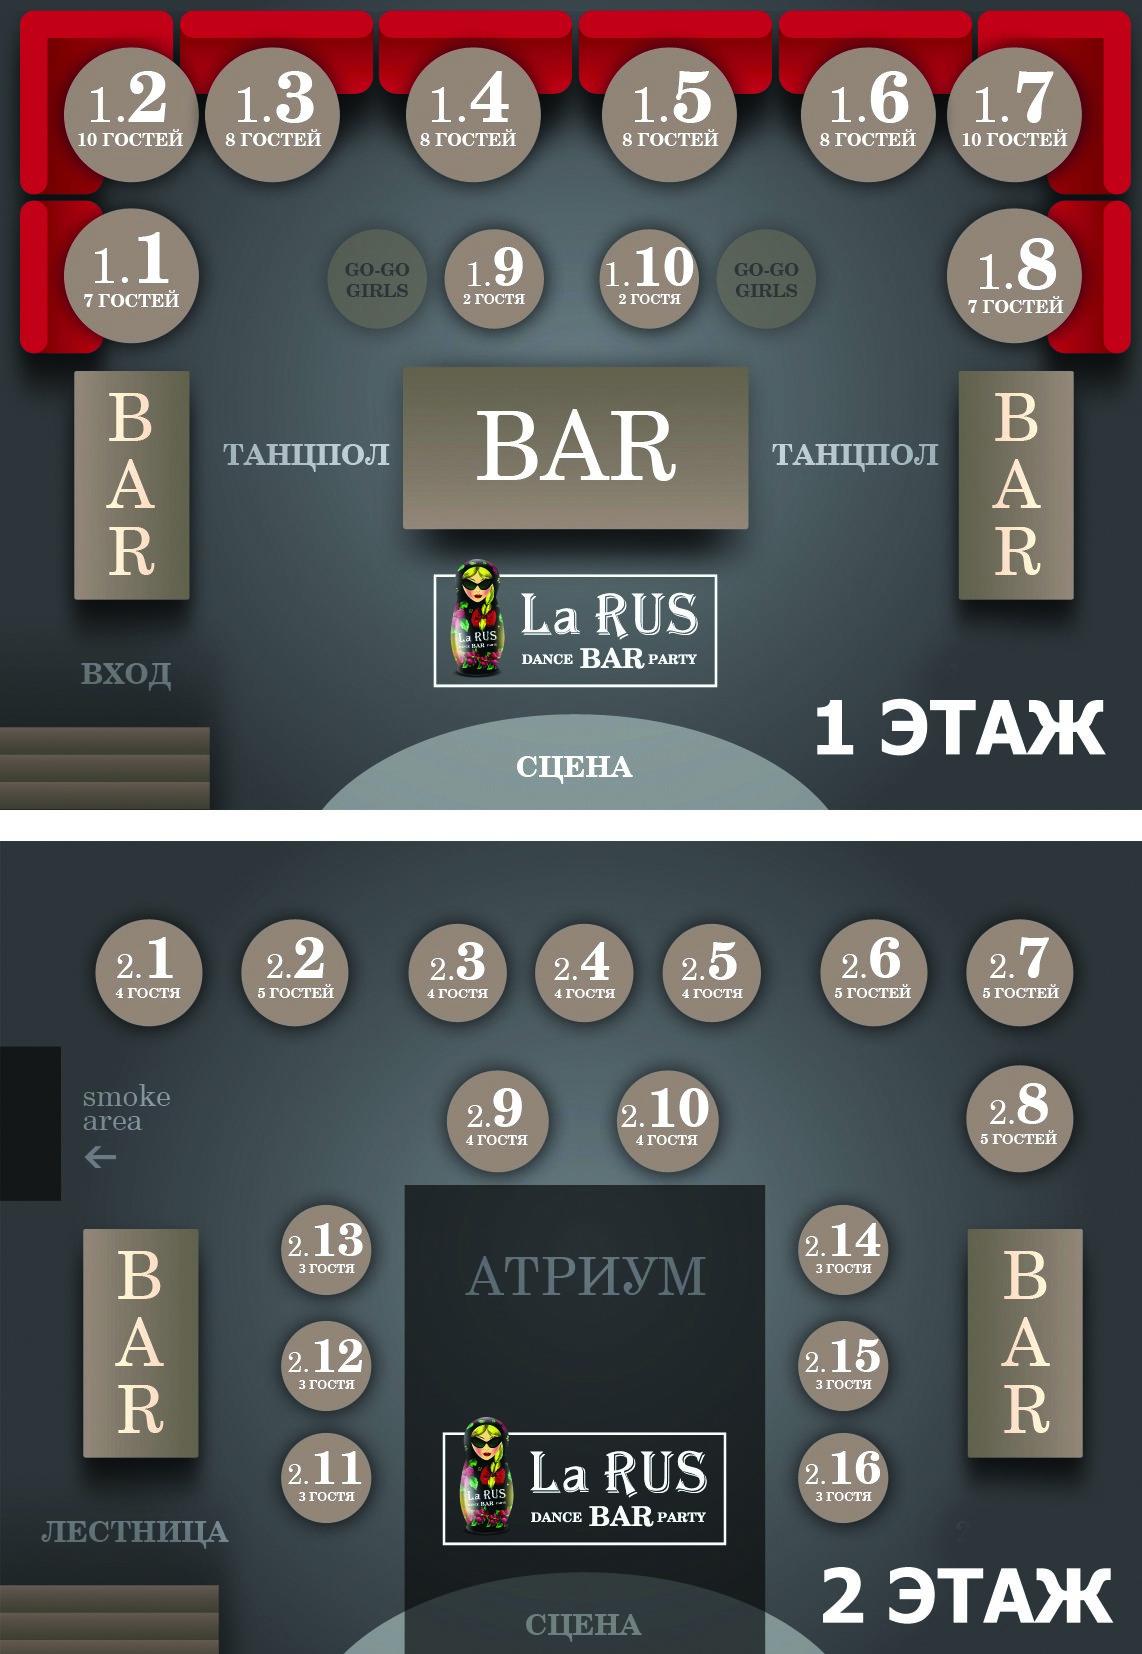 Схема зала La RUS BAR (Нижний Новгород)